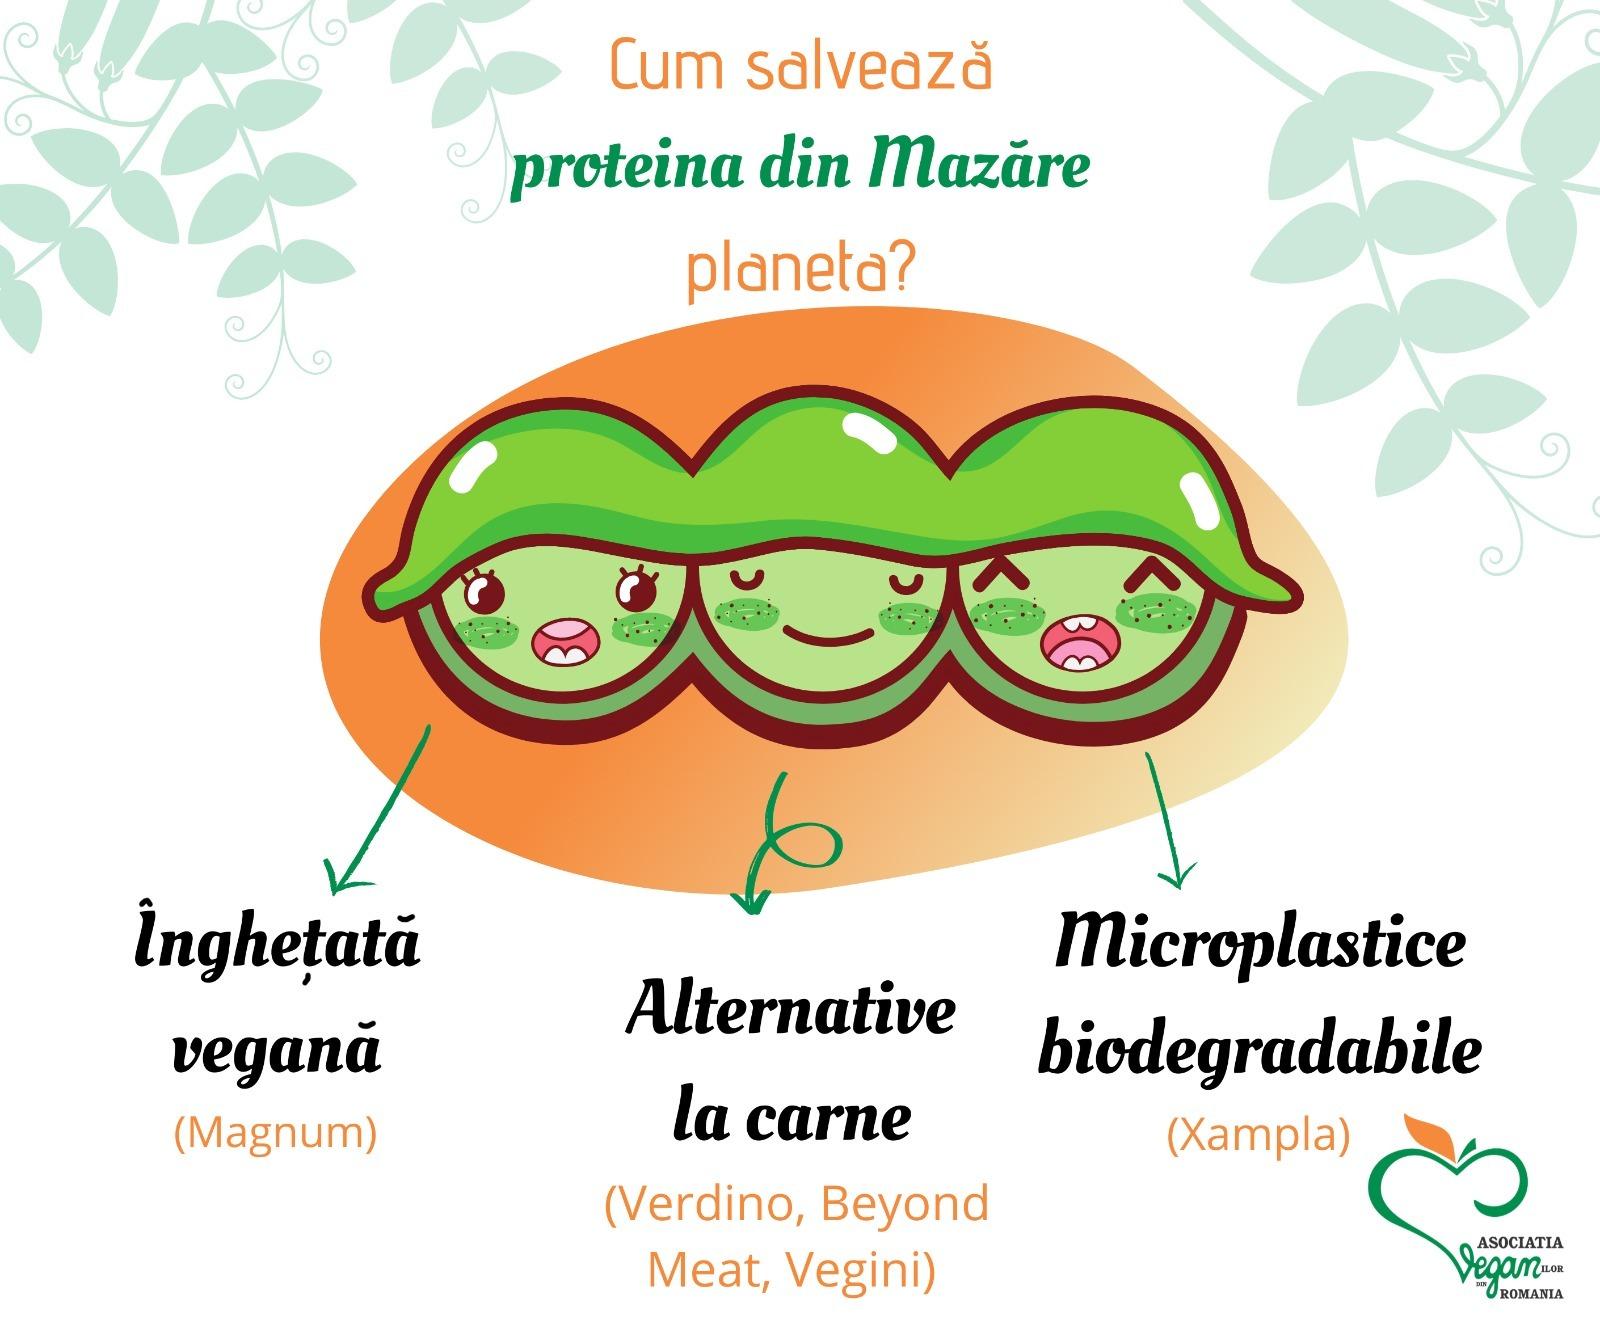 Proteina din mazăre: O mulțime de soluții pentru un viitor mai bun